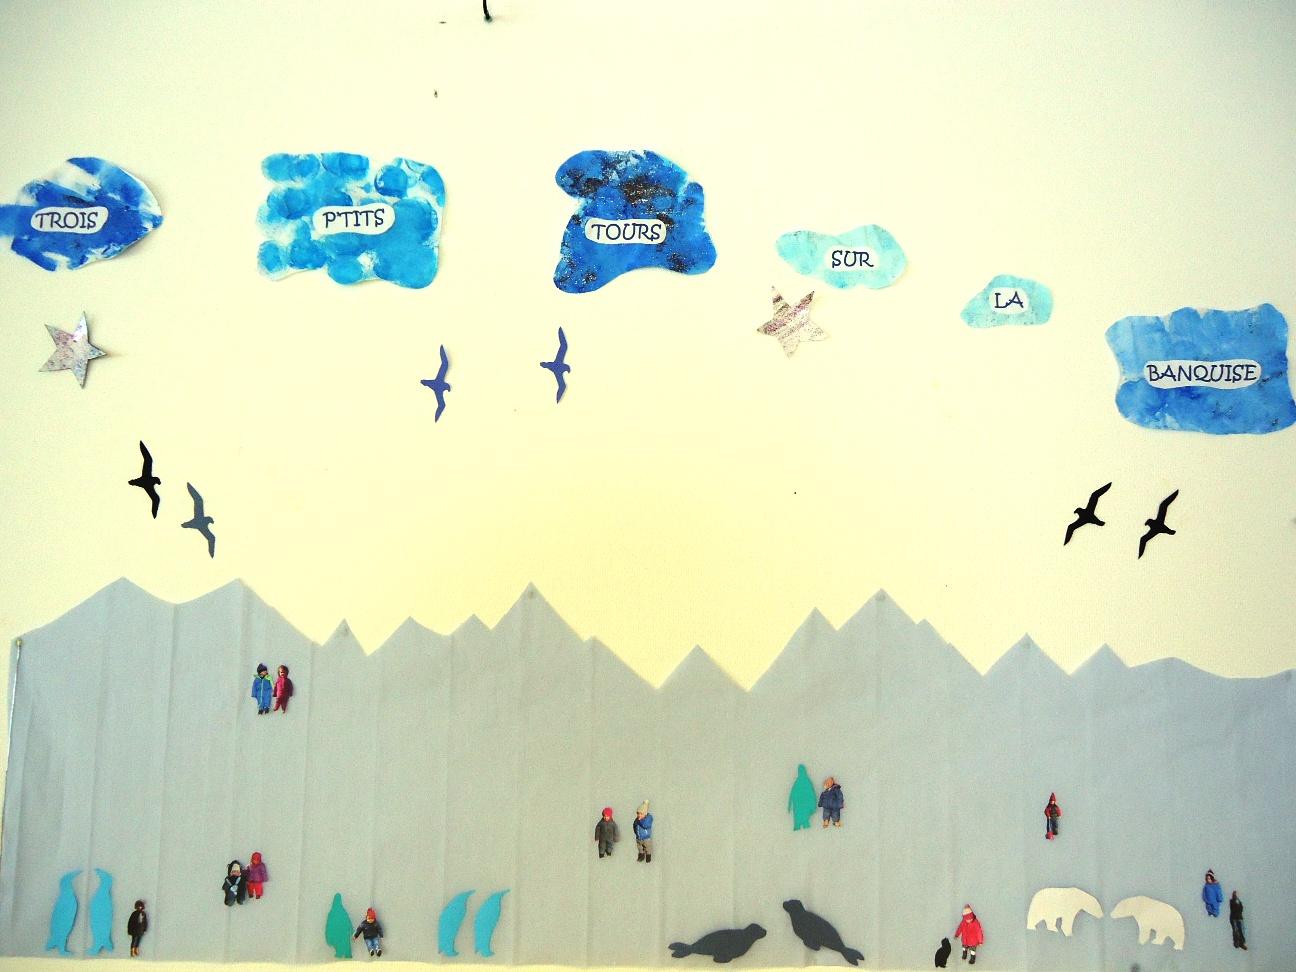 La banquise et ses petits pingouins